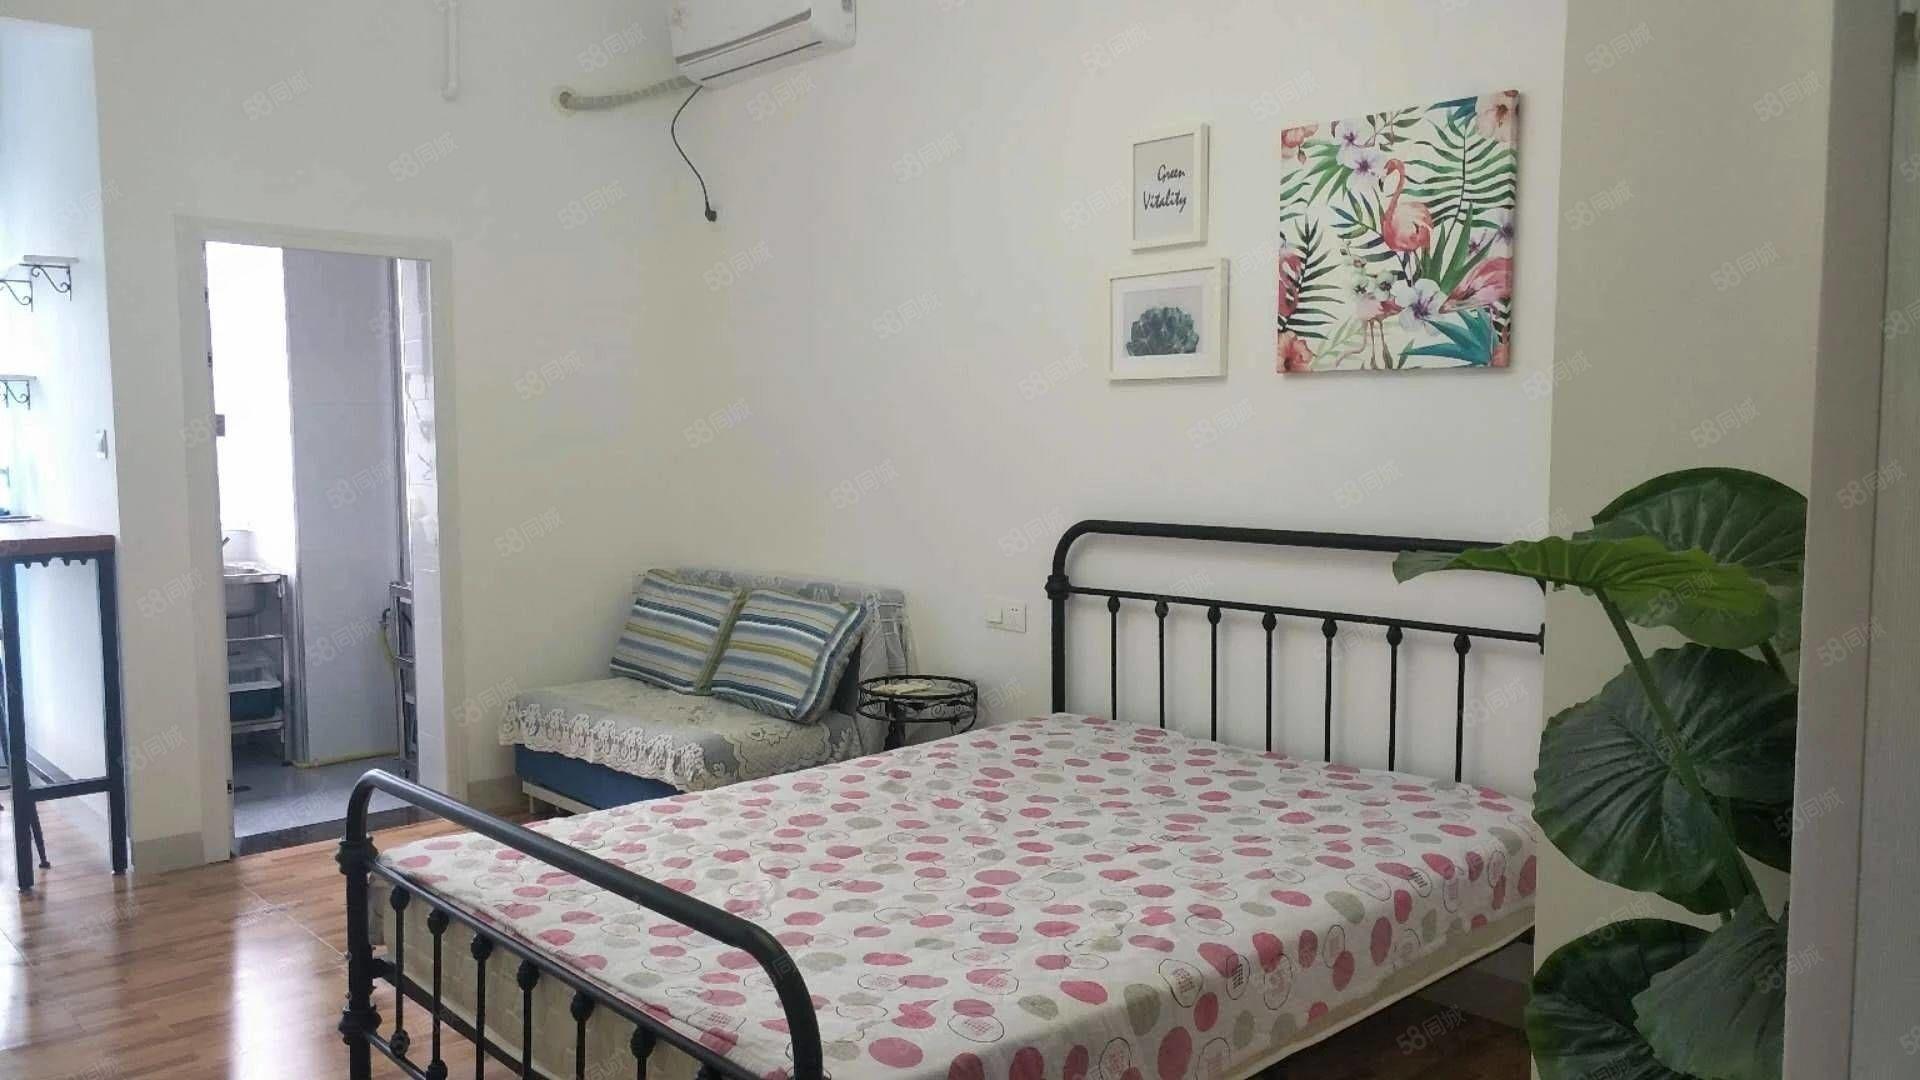 佳乐世纪城精装公寓出租,价格实惠,拎包入住!